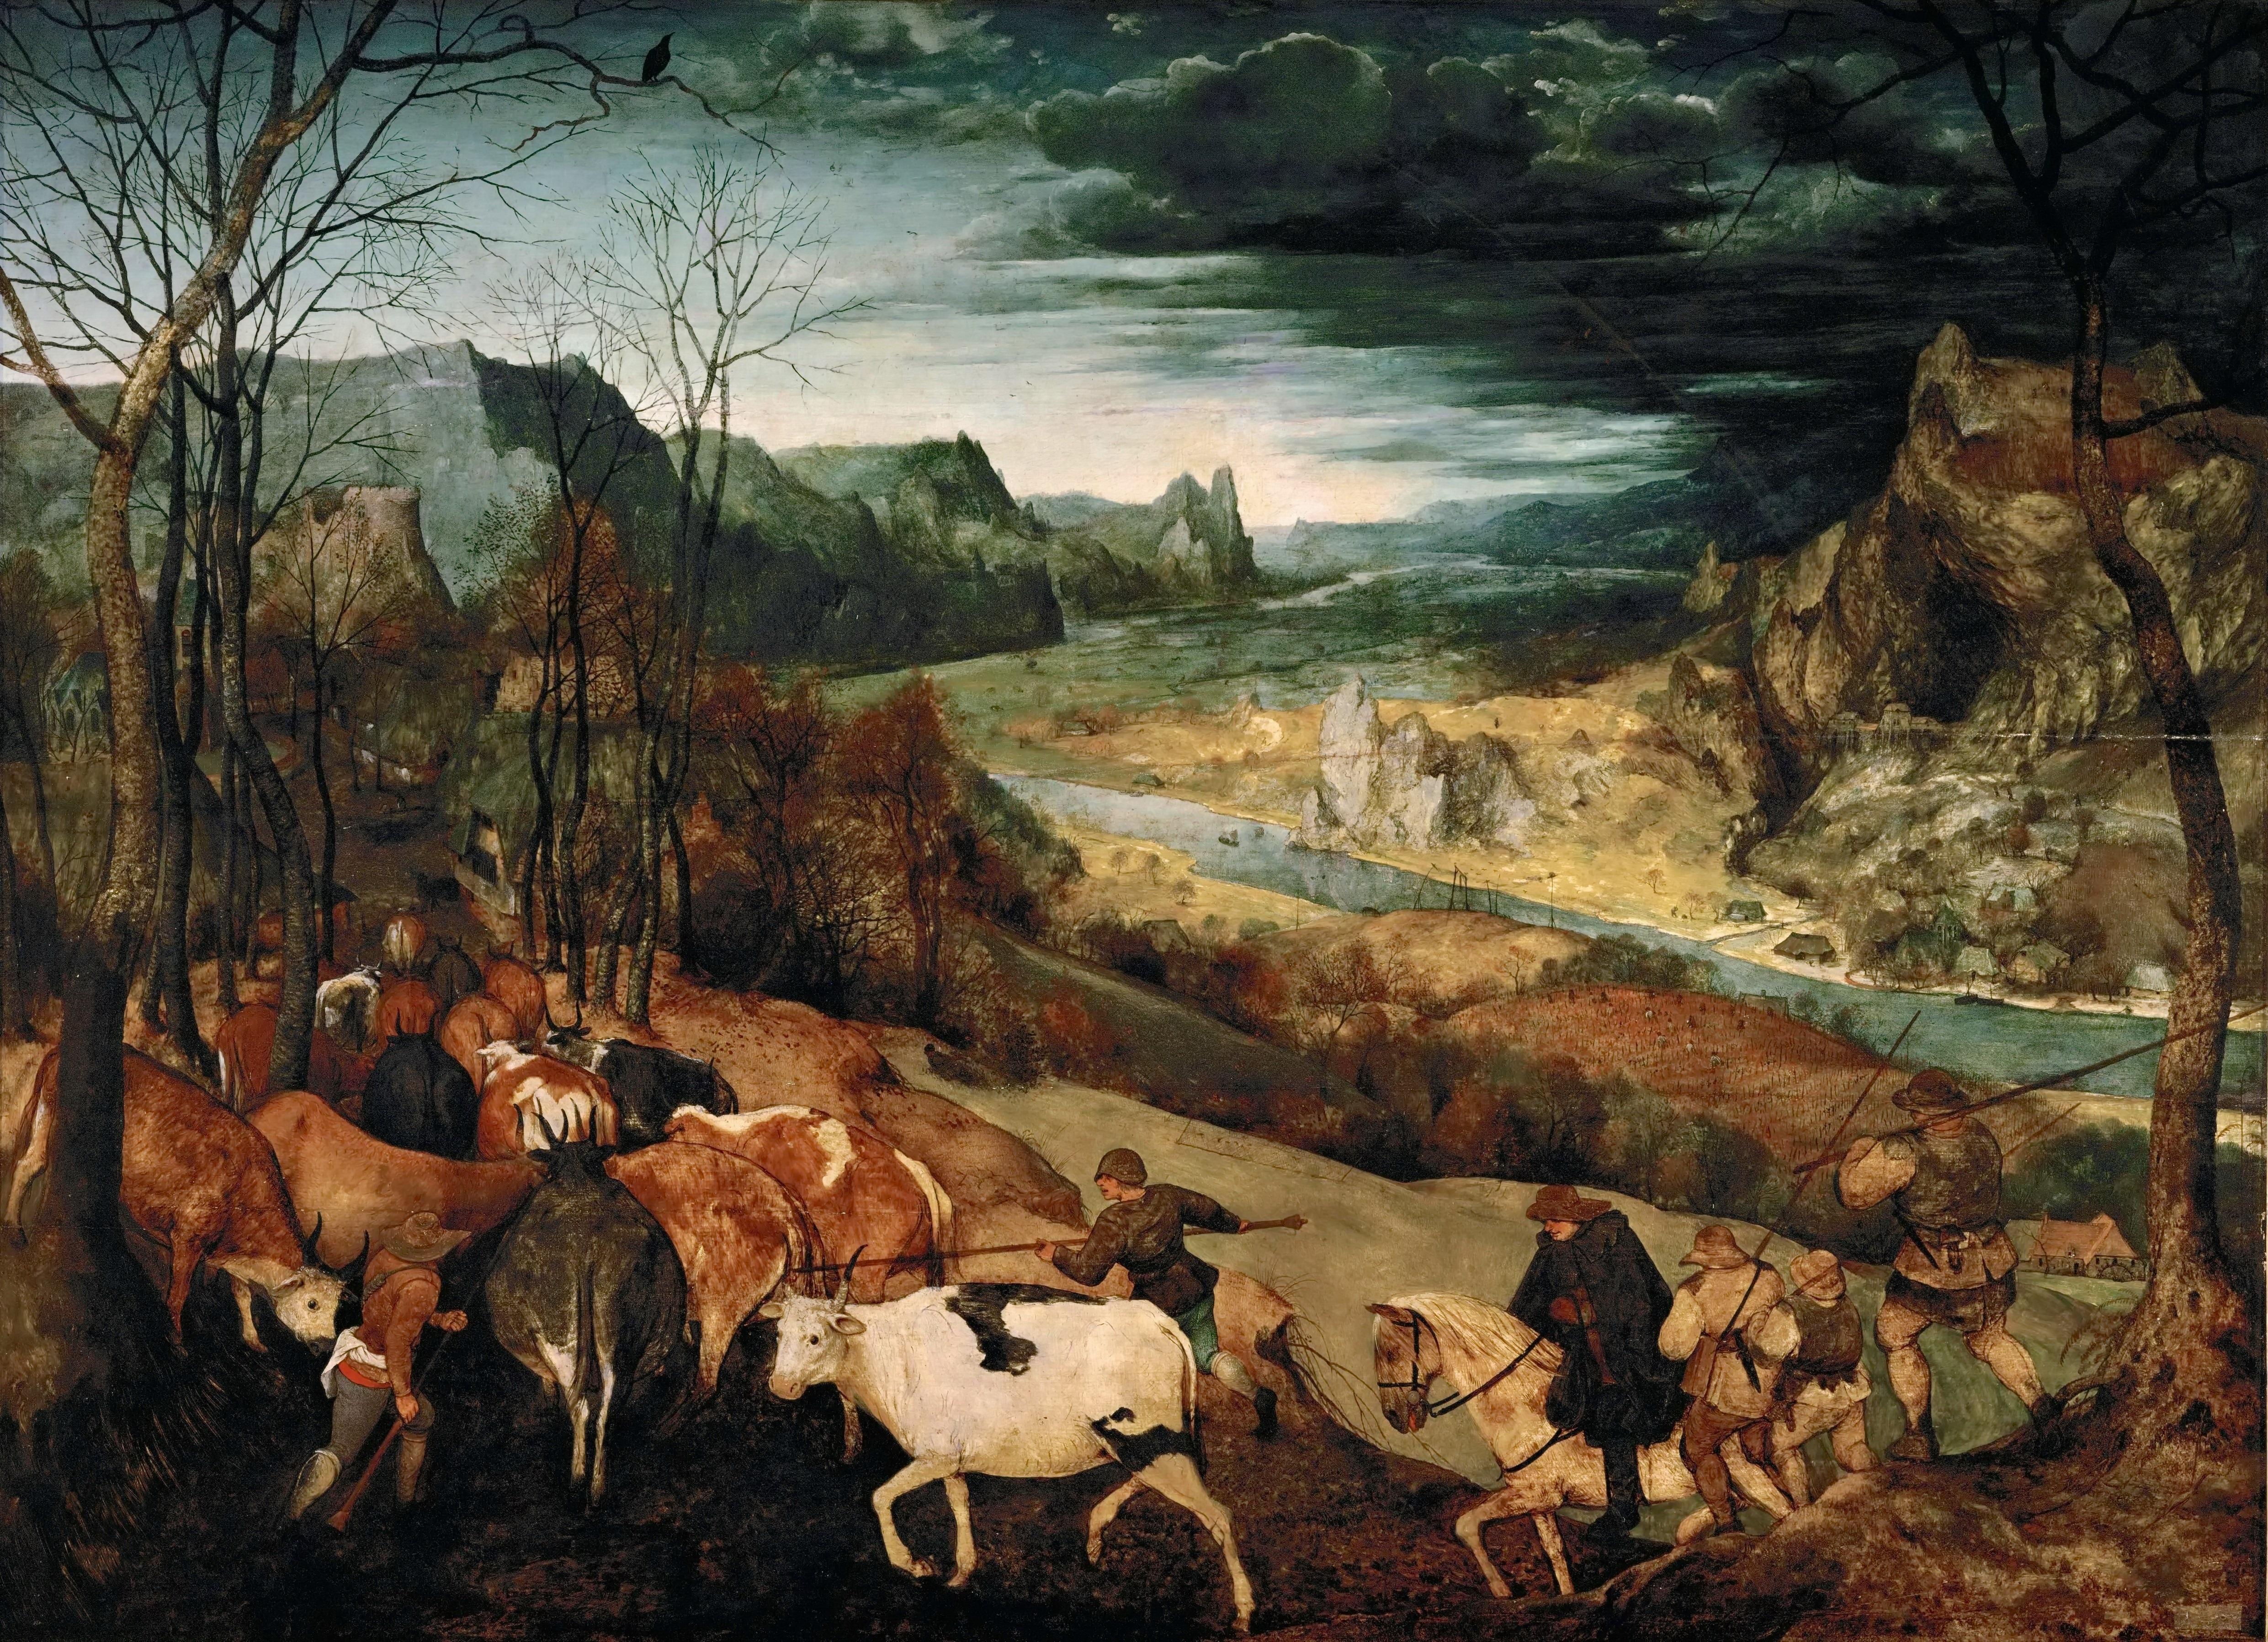 Pieter_Bruegel_(I)_-_The_Return_of_the_Herd_(1565)